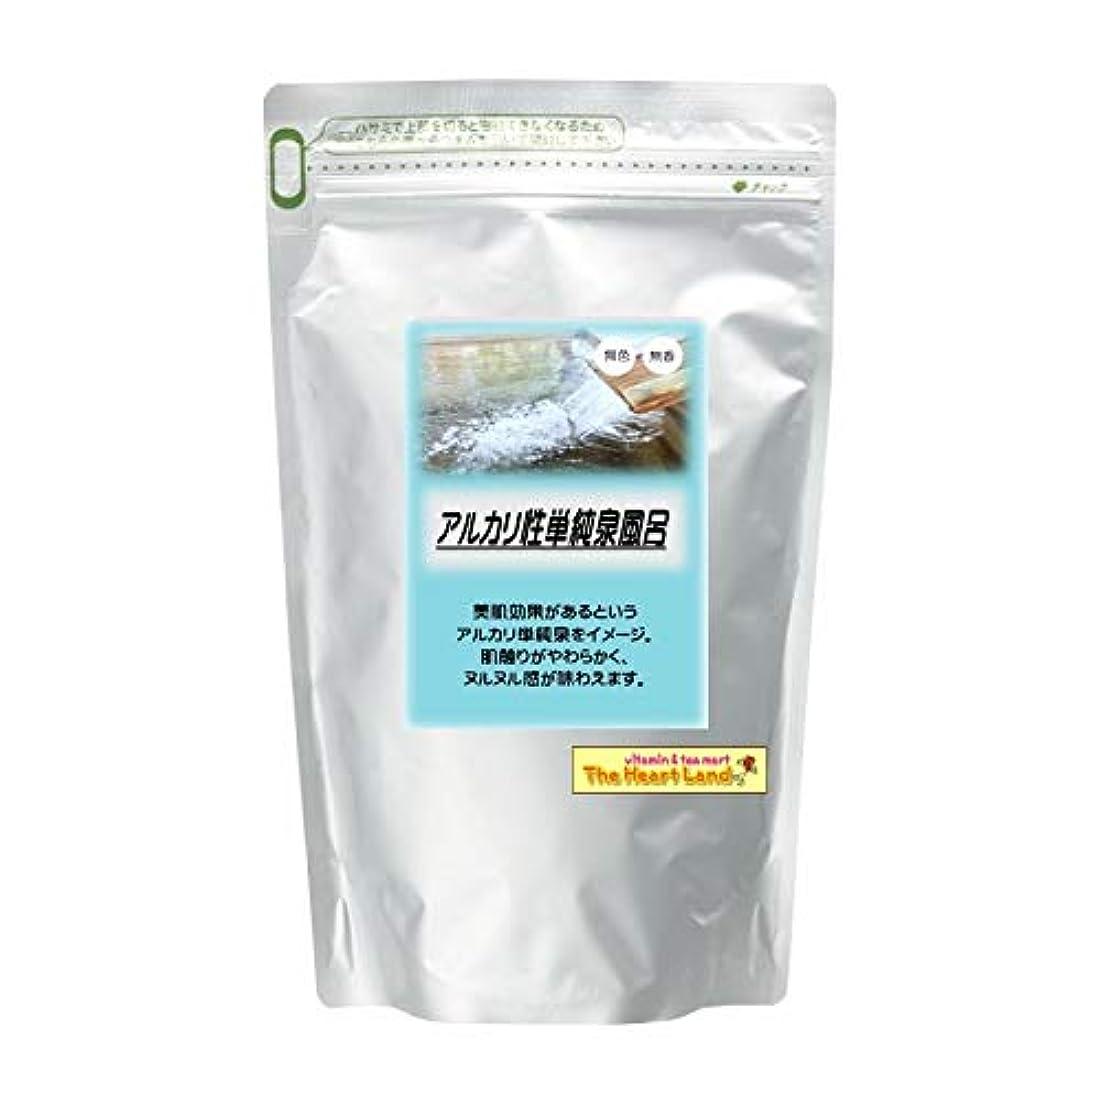 上回る伝染病動詞アサヒ入浴剤 浴用入浴化粧品 アルカリ性単純泉風呂 300g